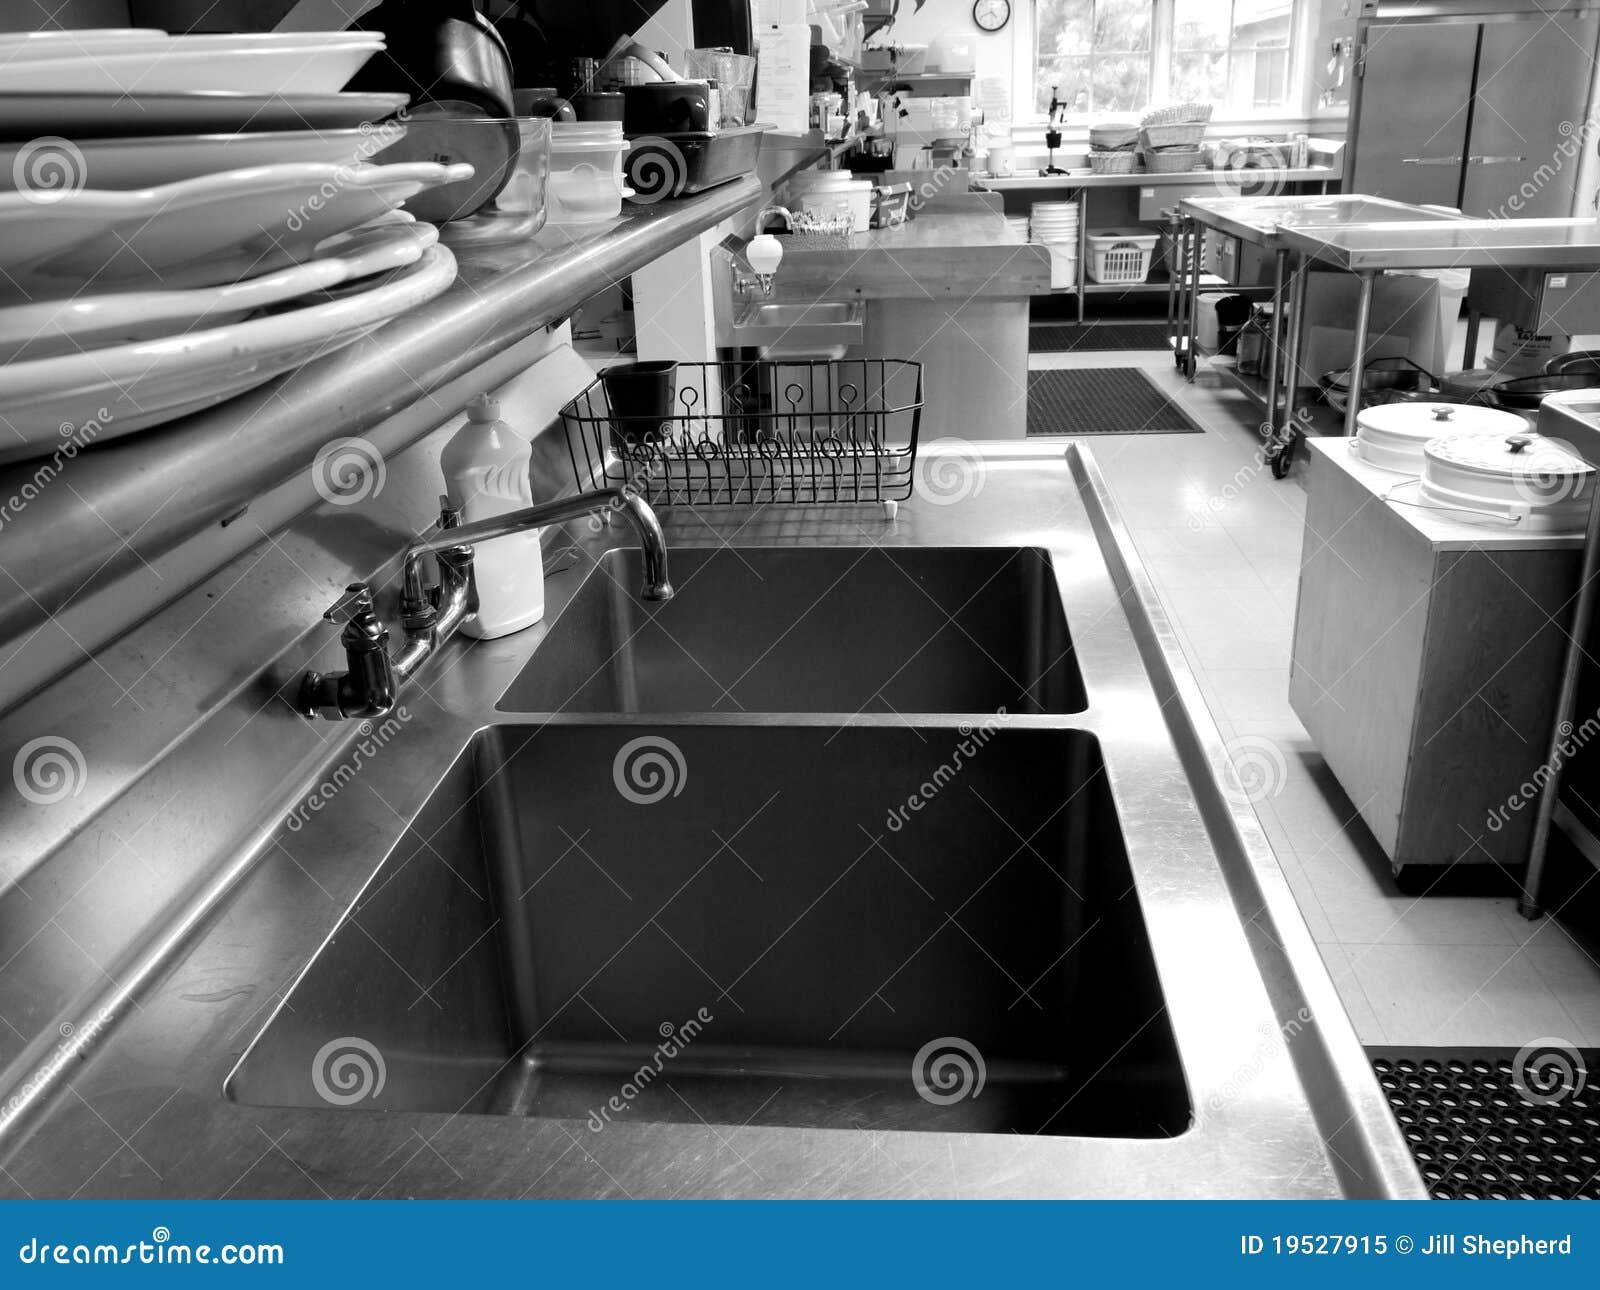 Sink Kitchen No Background